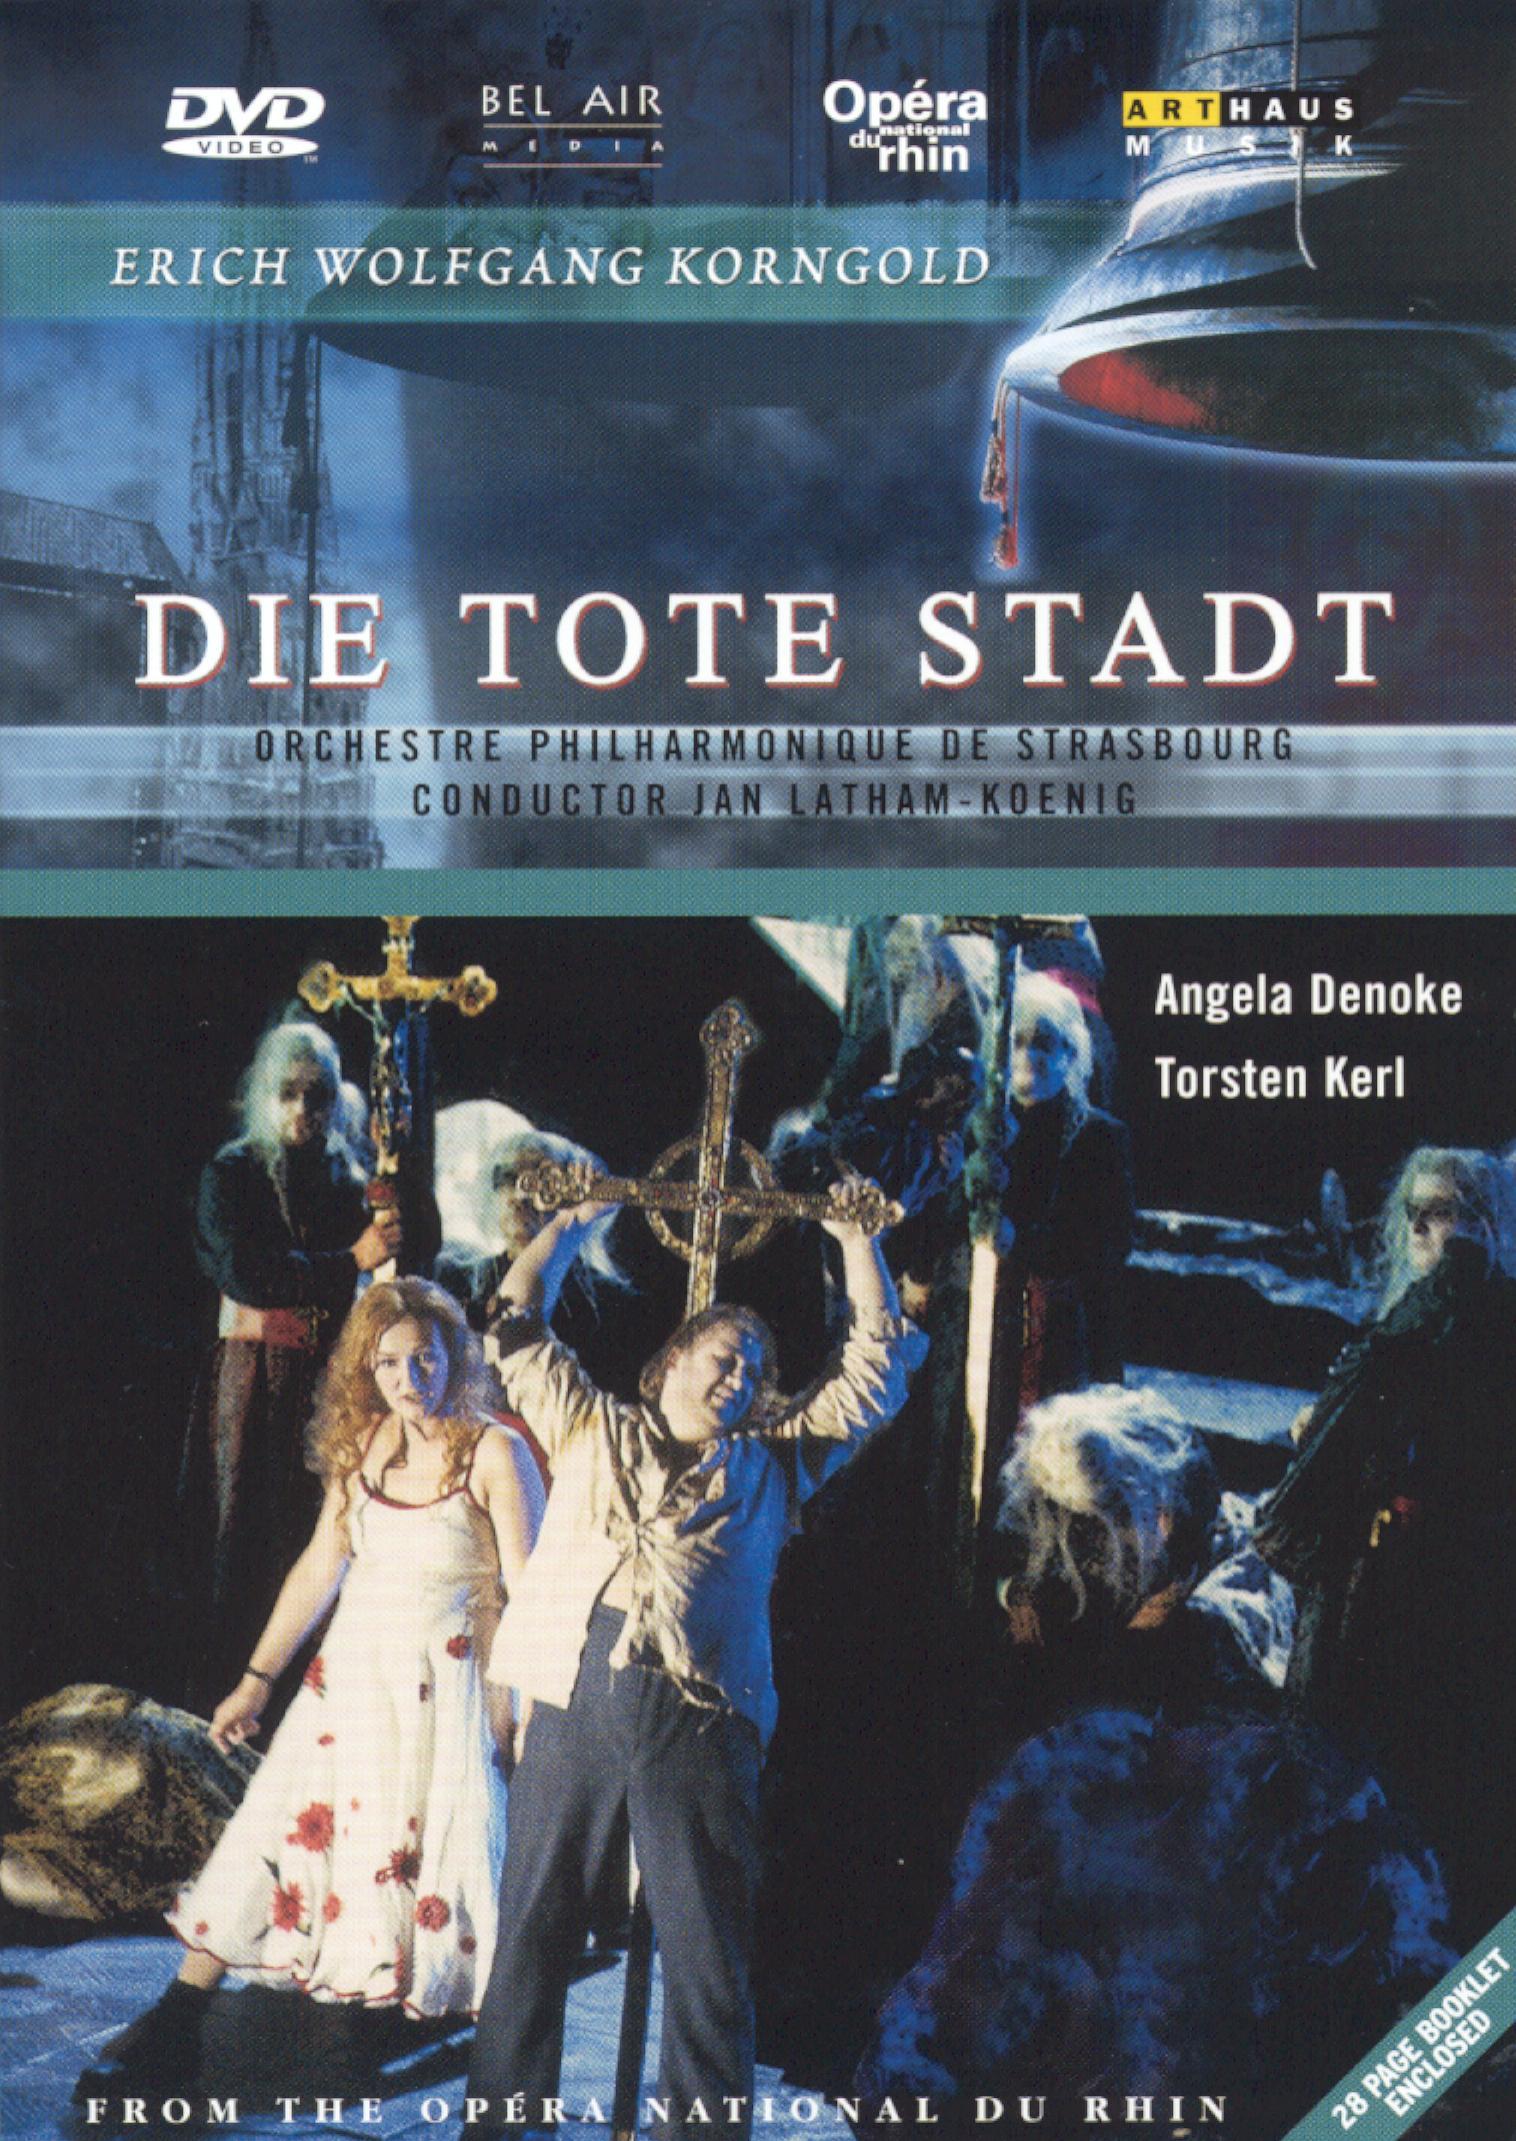 Die Tote Stadt (Opera National du Rhin)